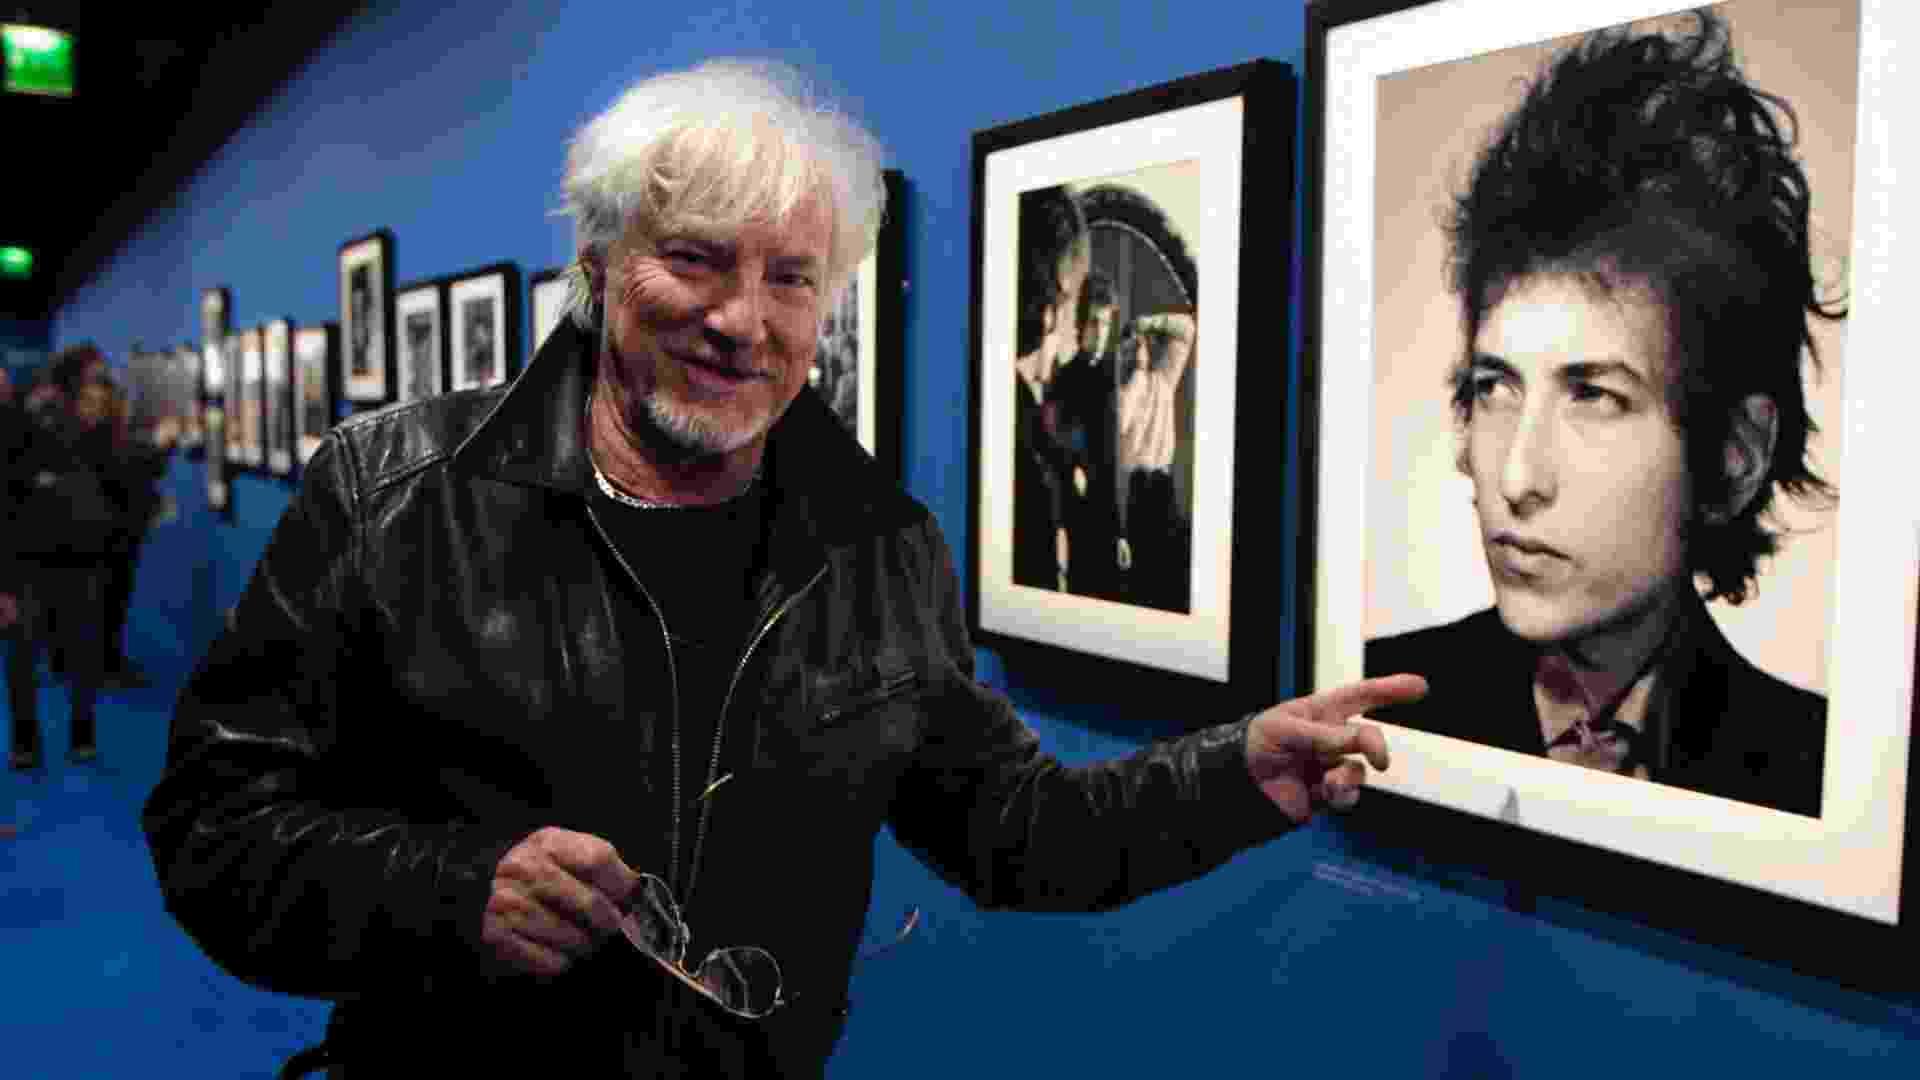 """A exposição, intitulada """"Bob Dylan, a explosão do rock 61-66"""", será inaugurada na terça-feira e permanecerá aberta até o dia 15 de julho na Cidade da Música da capital francesa - REUTERS/Charles Platiau"""